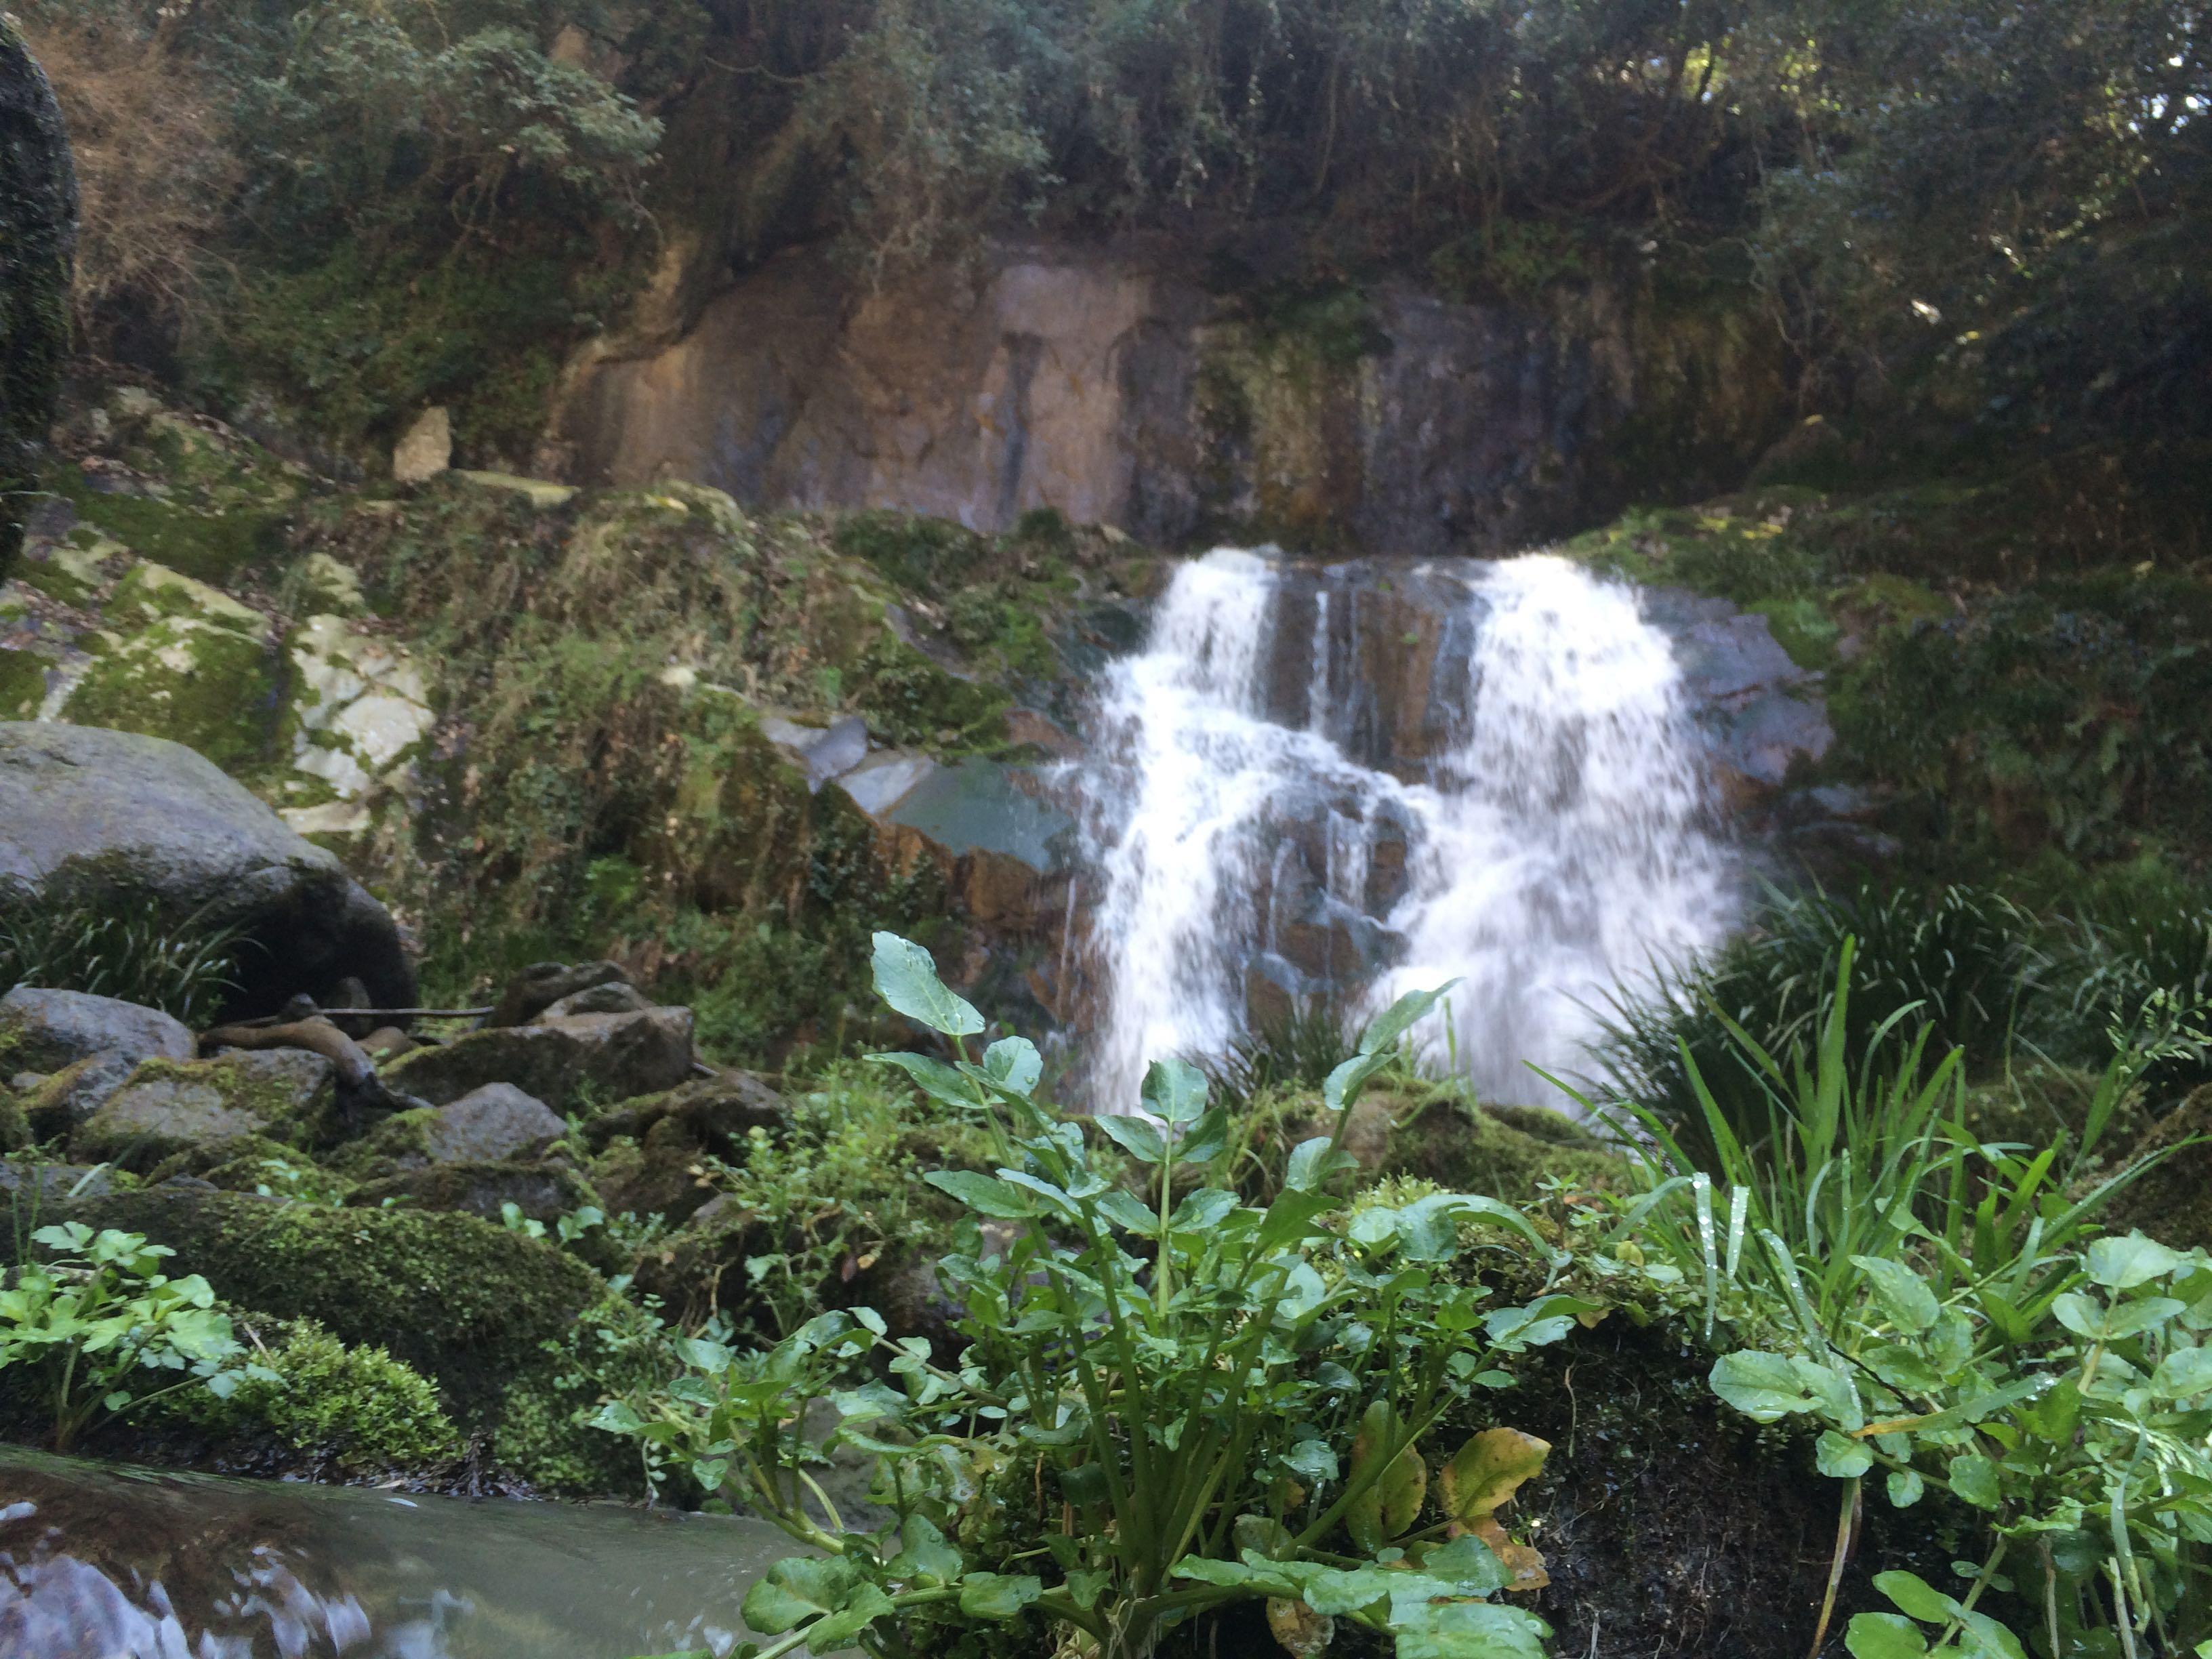 みとん今治,歌仙の滝公園,霧合の滝,菊間